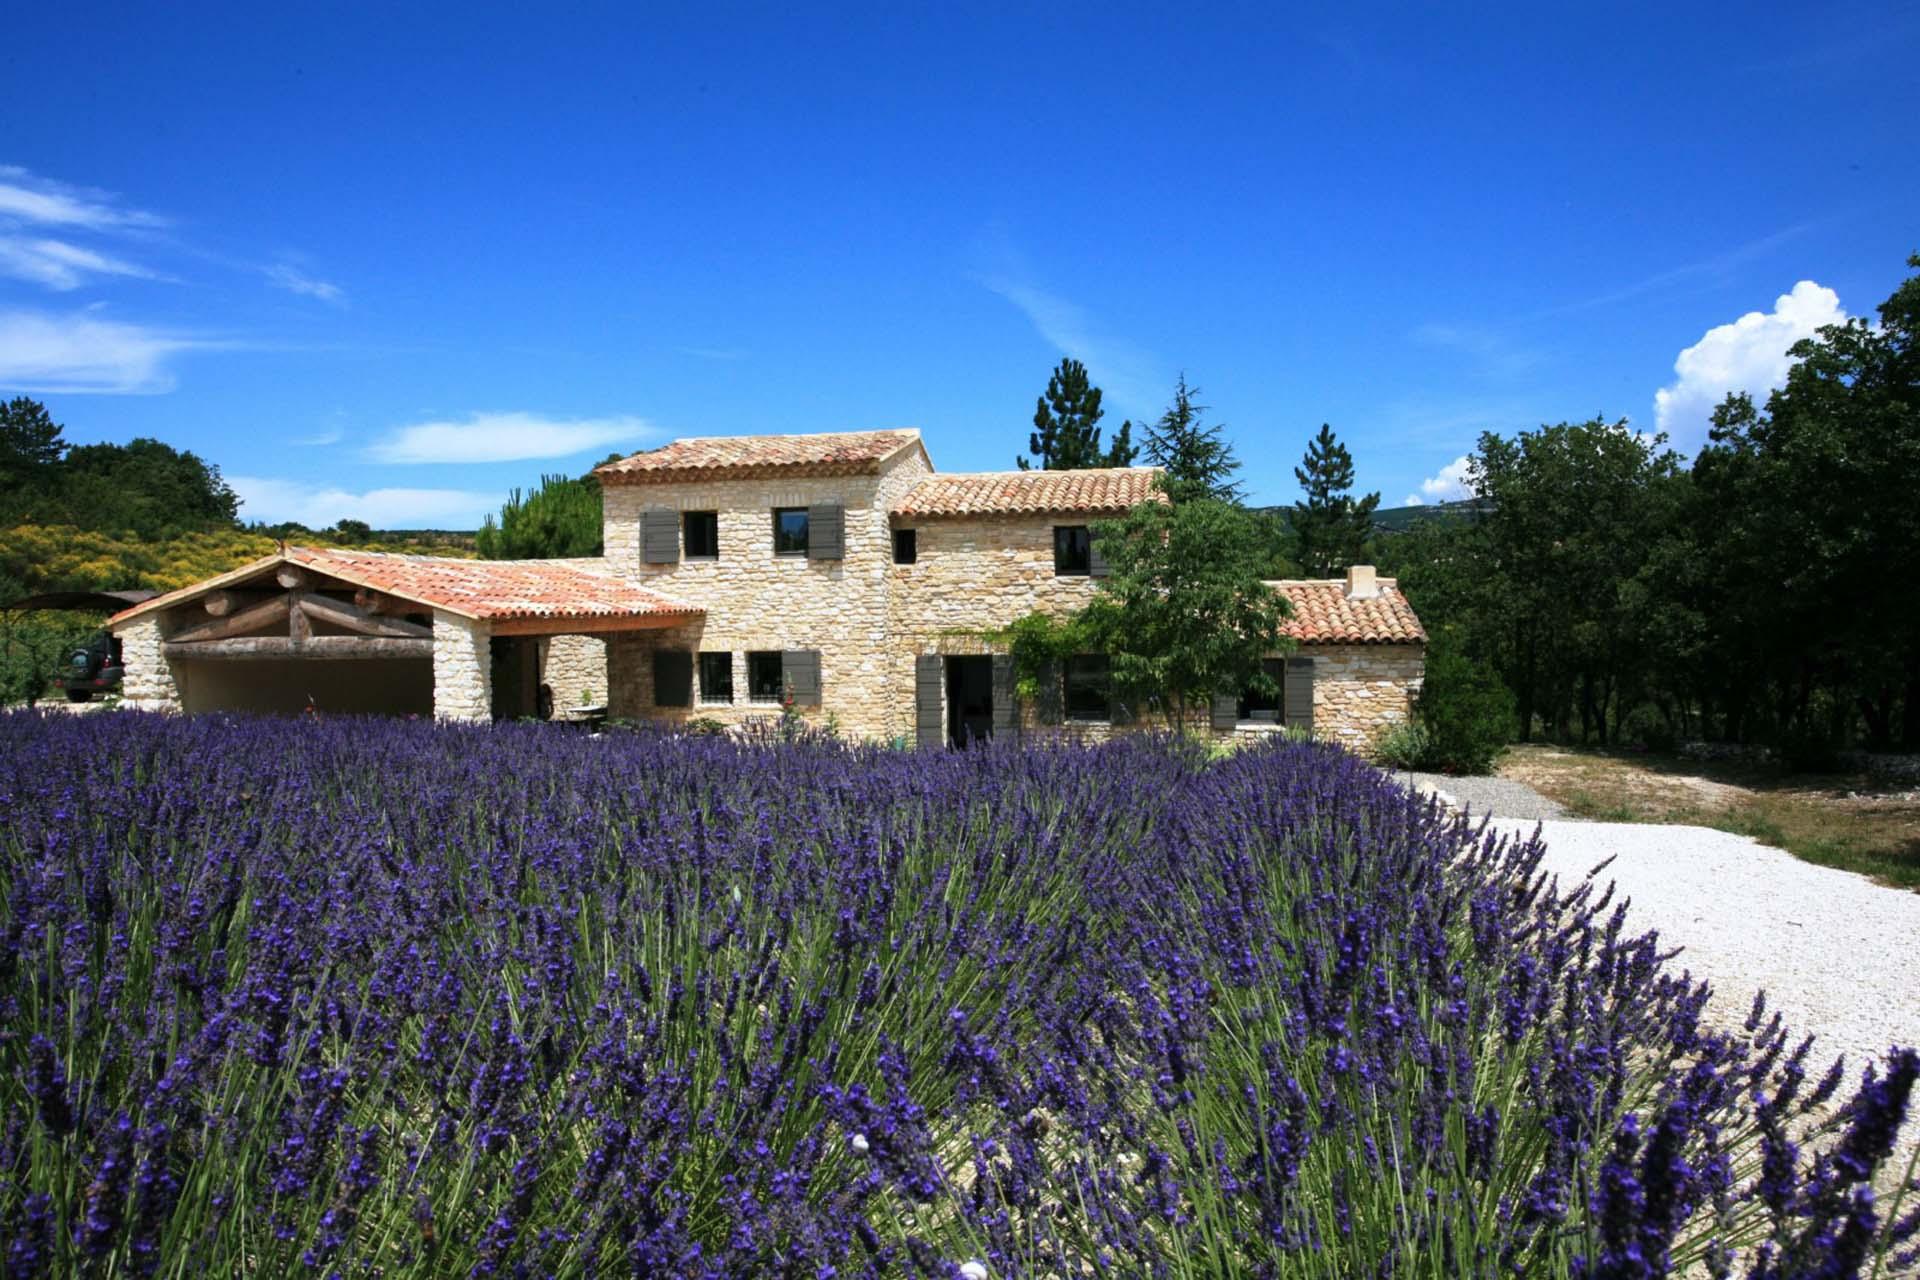 Maison en vente en Provence au millieu des lavandes